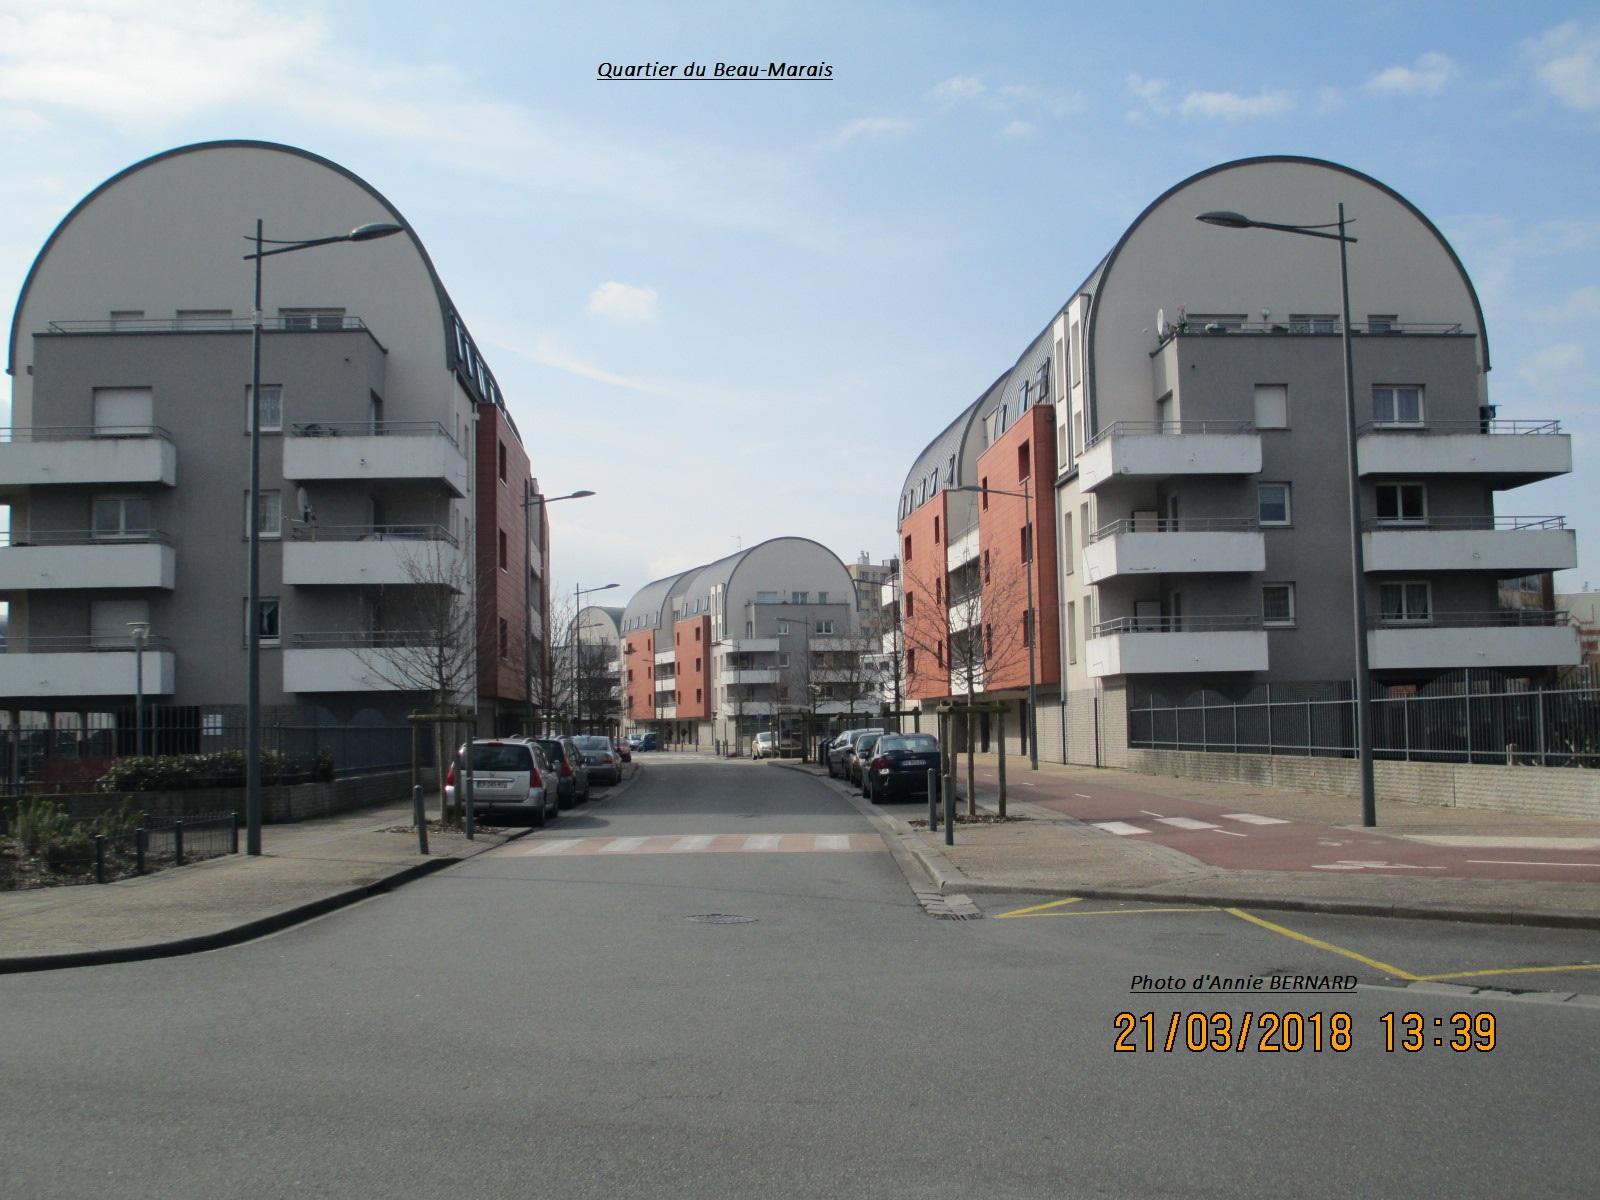 Quartier du Beau-Marais